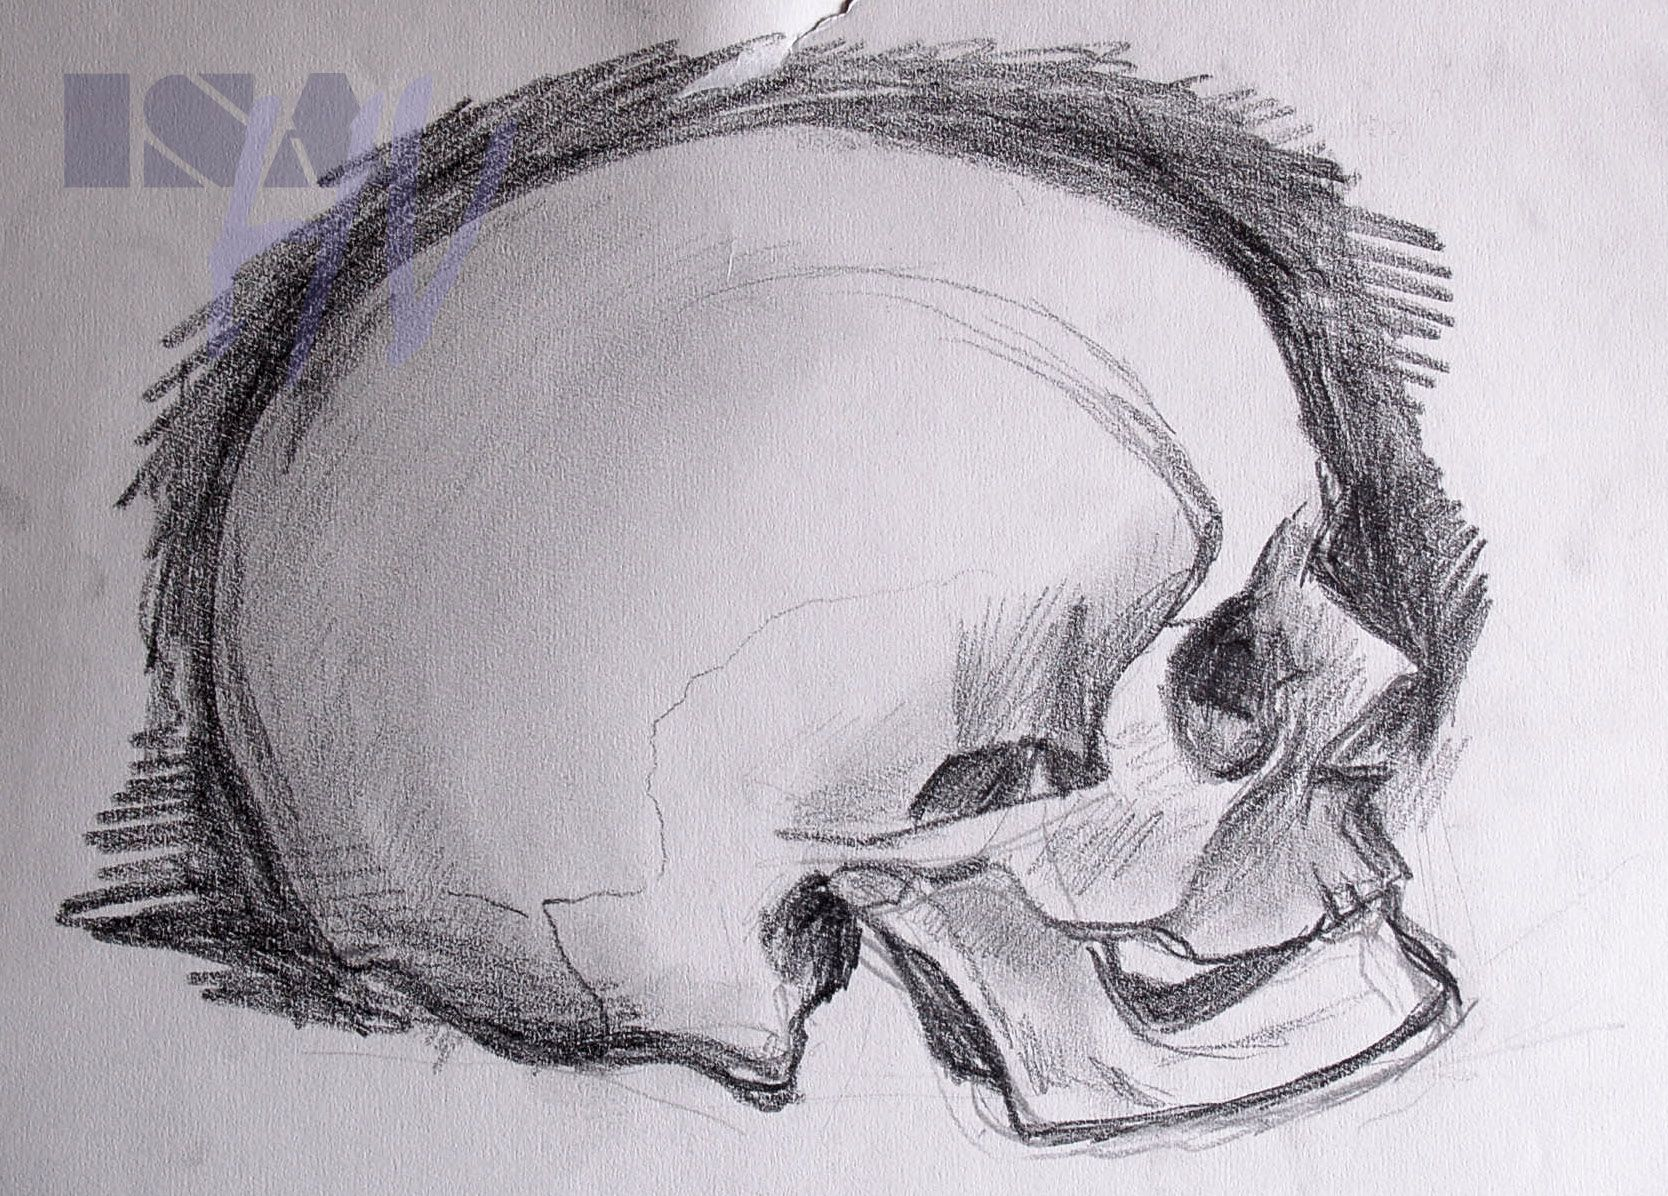 Pin De Lilybeth Mayorga En Bocetos De Dibujos Artisticos Dibujos Artisticos Artistas Dibujos